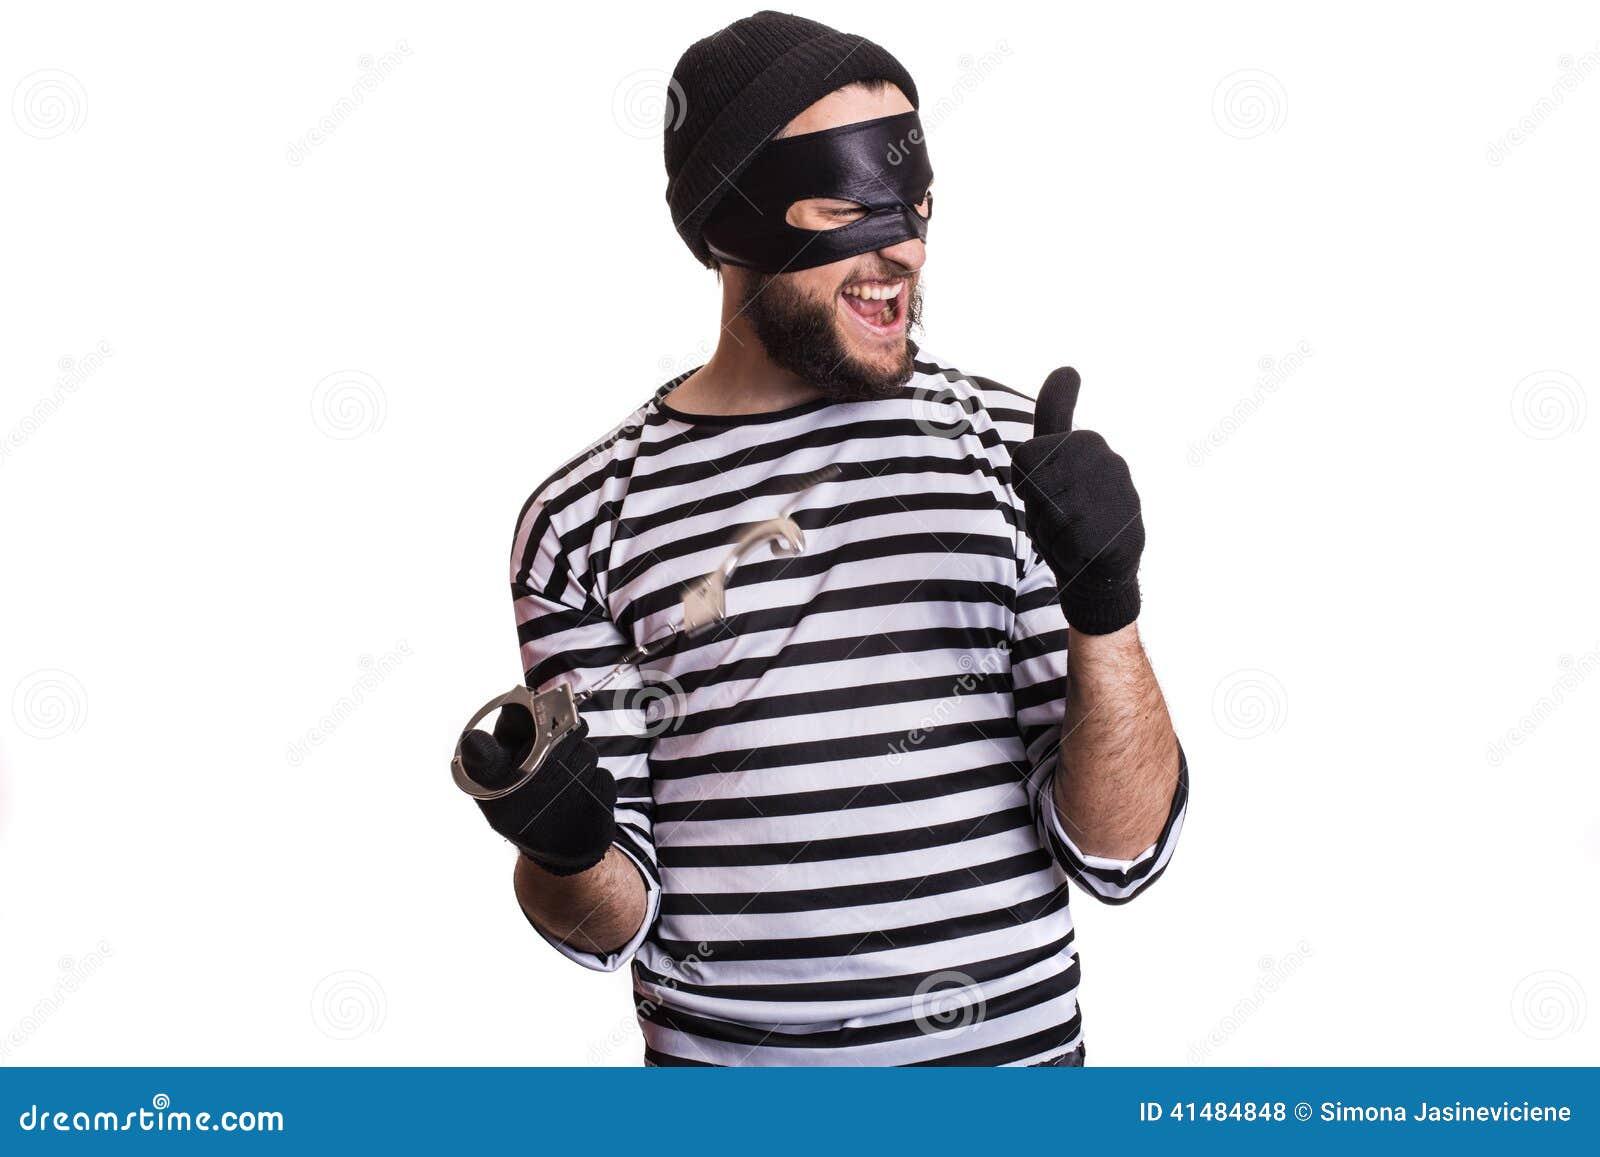 Избежание похитителя от тюрьмы